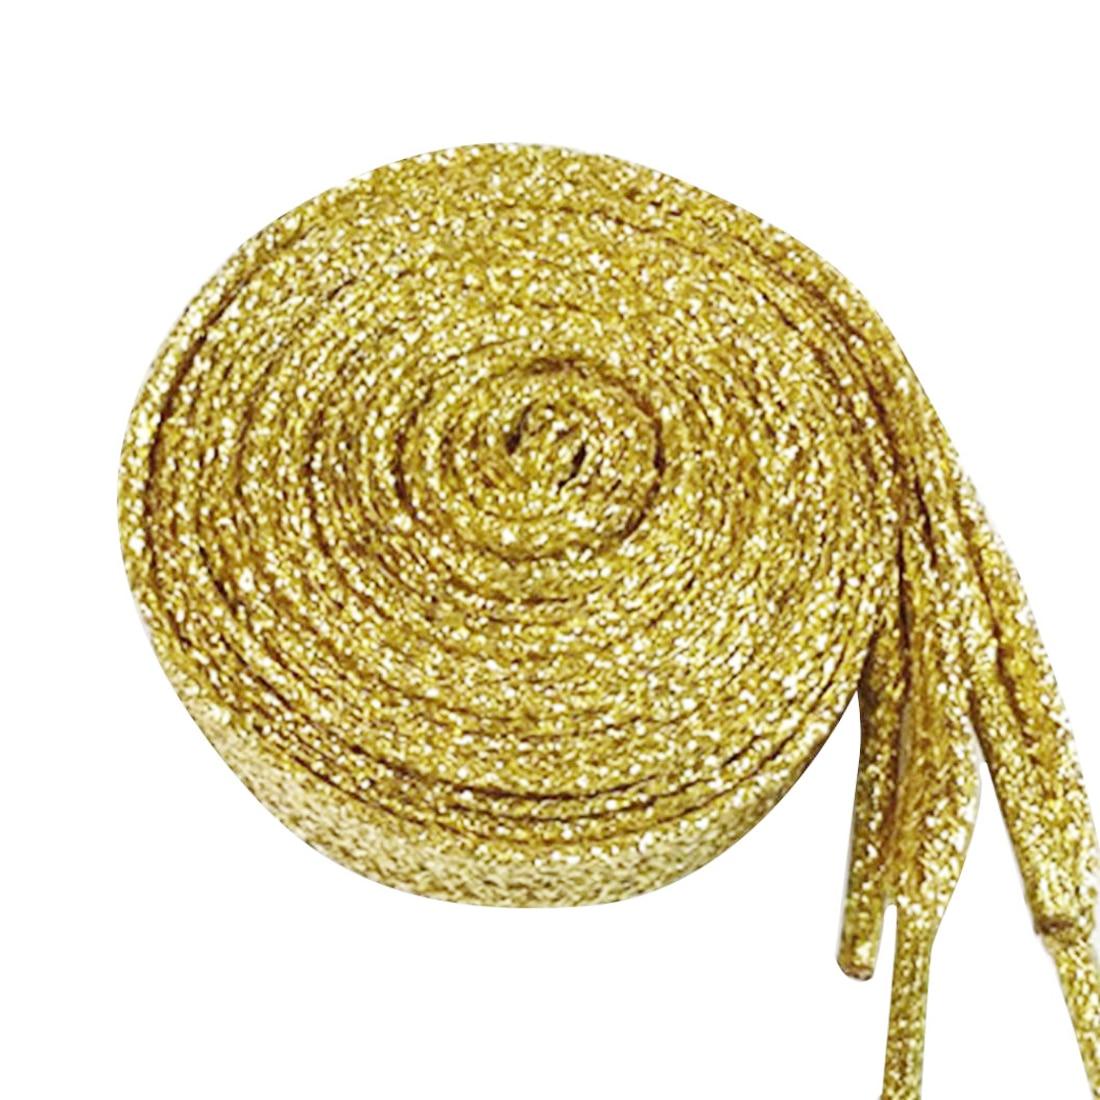 Double Flat Metallic Glitter Shoelace Canvas Sneaker Shoe Laces 1Pair 120cm Pearlized Colors  8 Colors